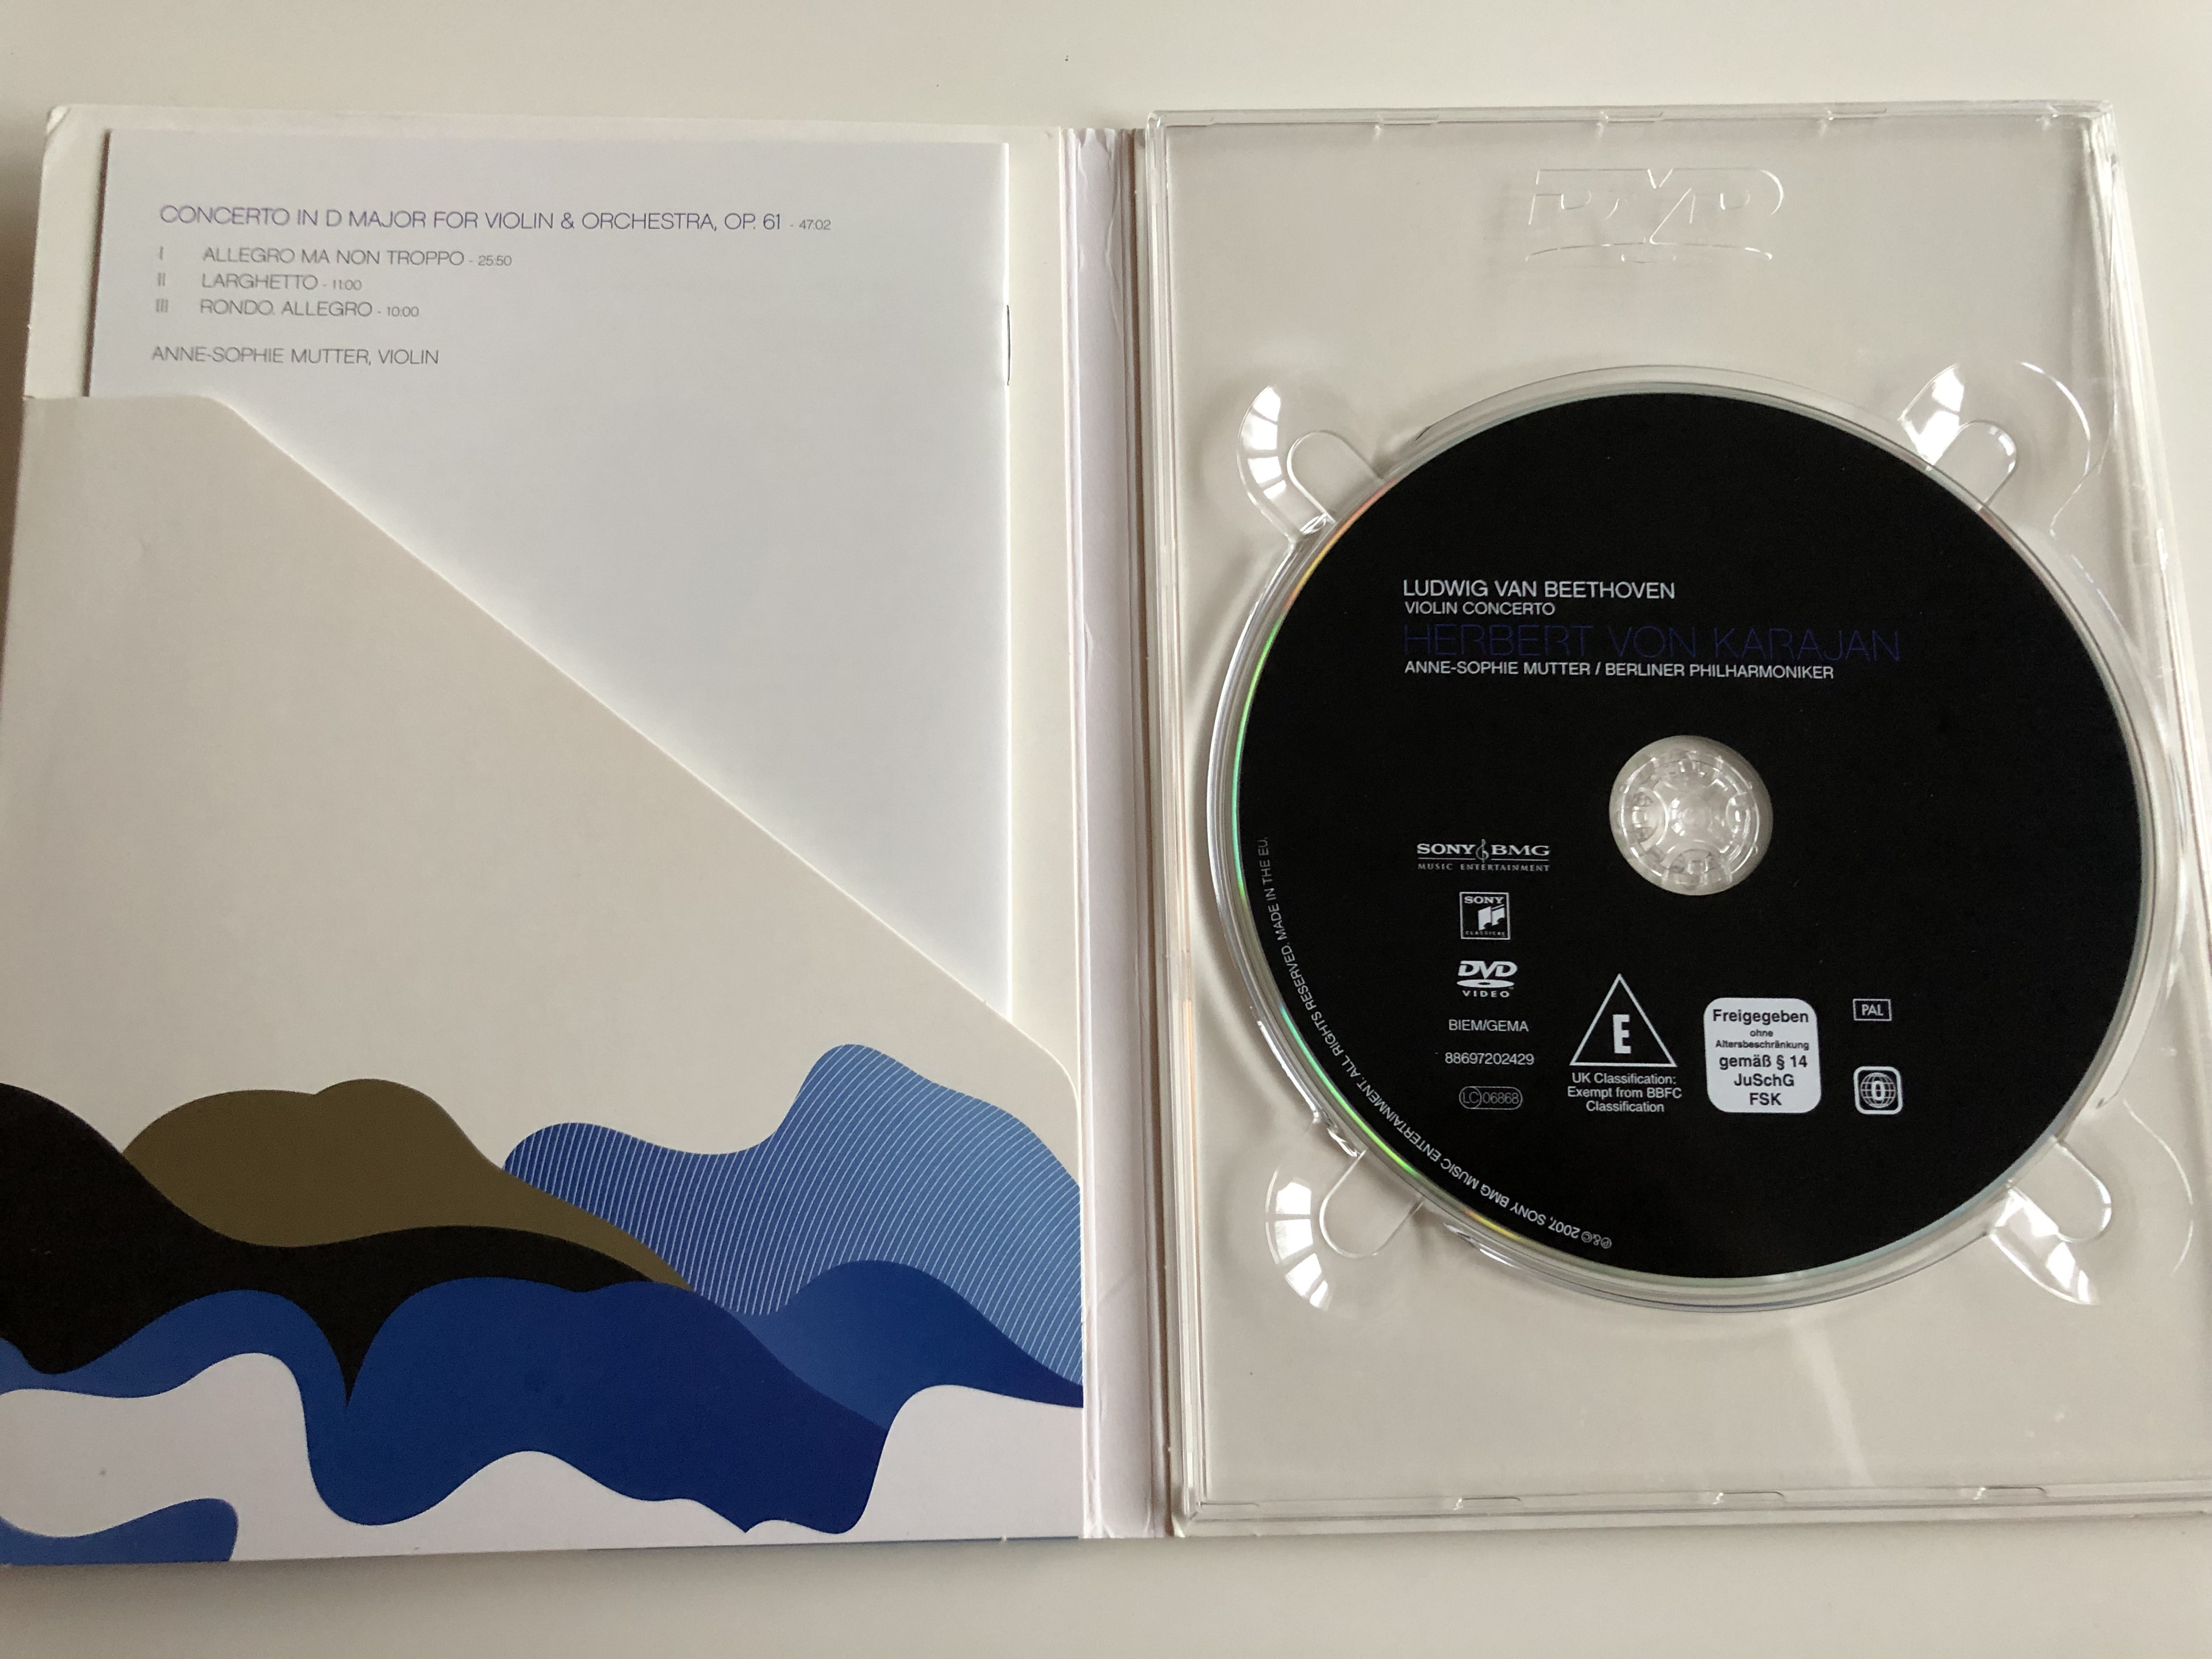 ludwig-van-beethoven-violin-concerto-op-61-dvd-2007-herbert-von-karajan-anne-sophie-mutter-violin-berlin-philharmoniker-2-.jpg